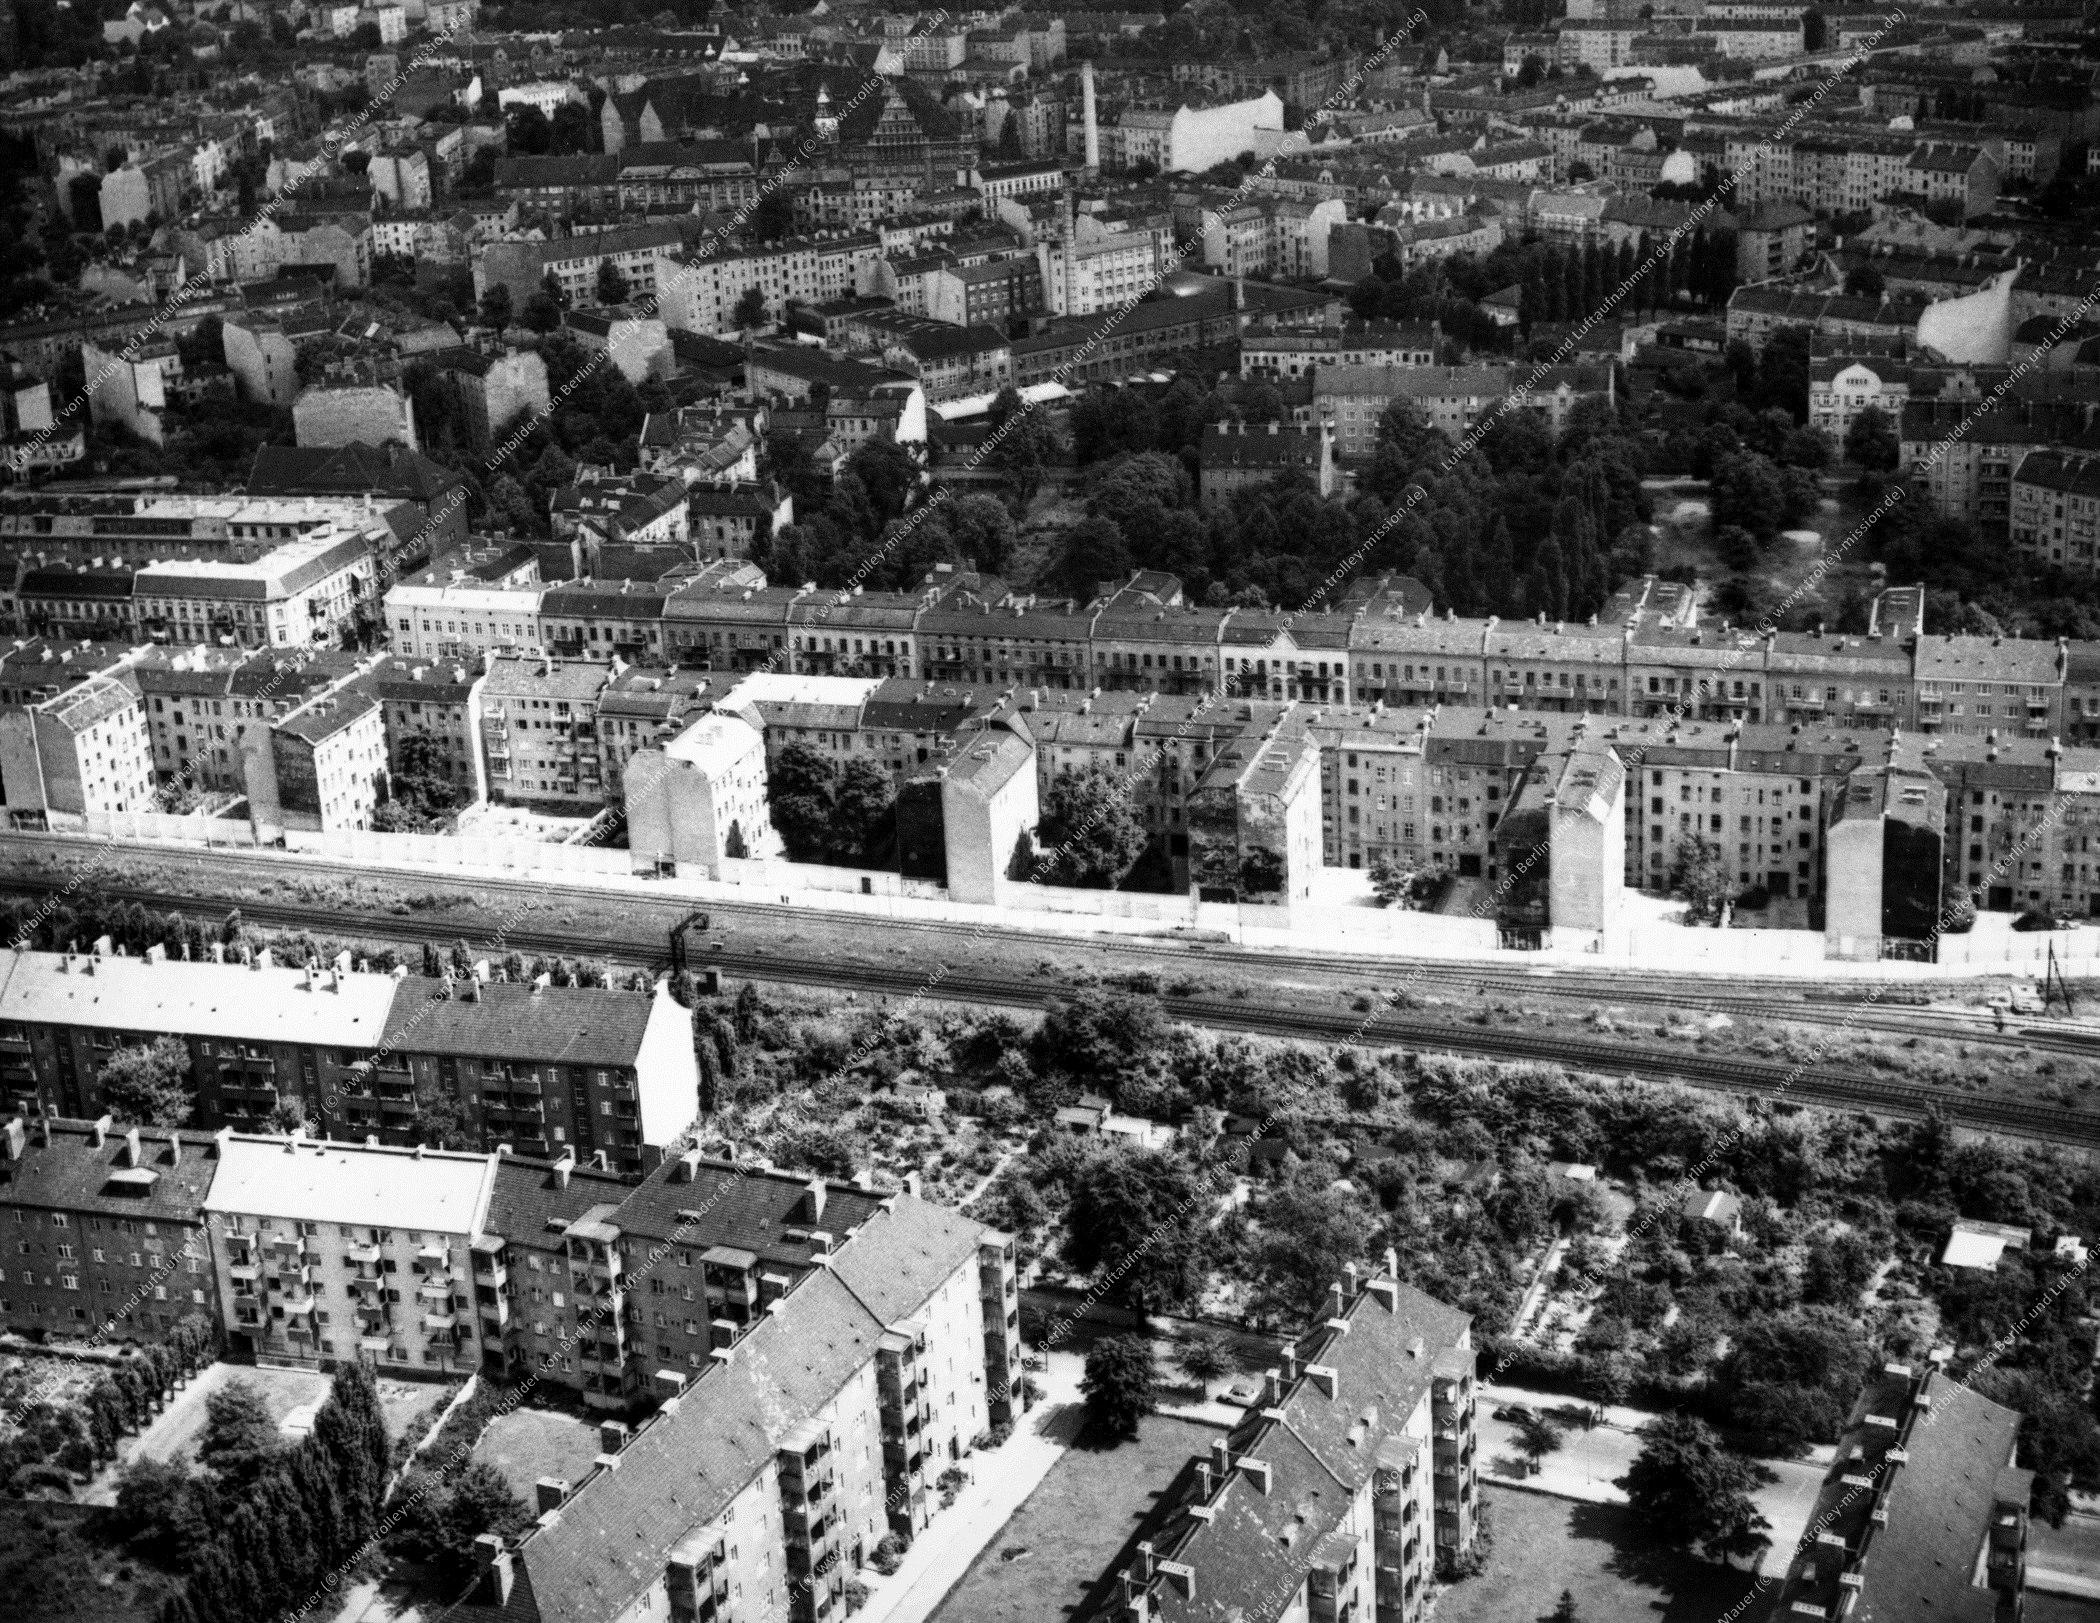 Brehmestraße an der S-Bahn-Linie zwischen den Bahnhöfen Bornholmer Straße und Wollankstraße in Berlin (Bild 032)